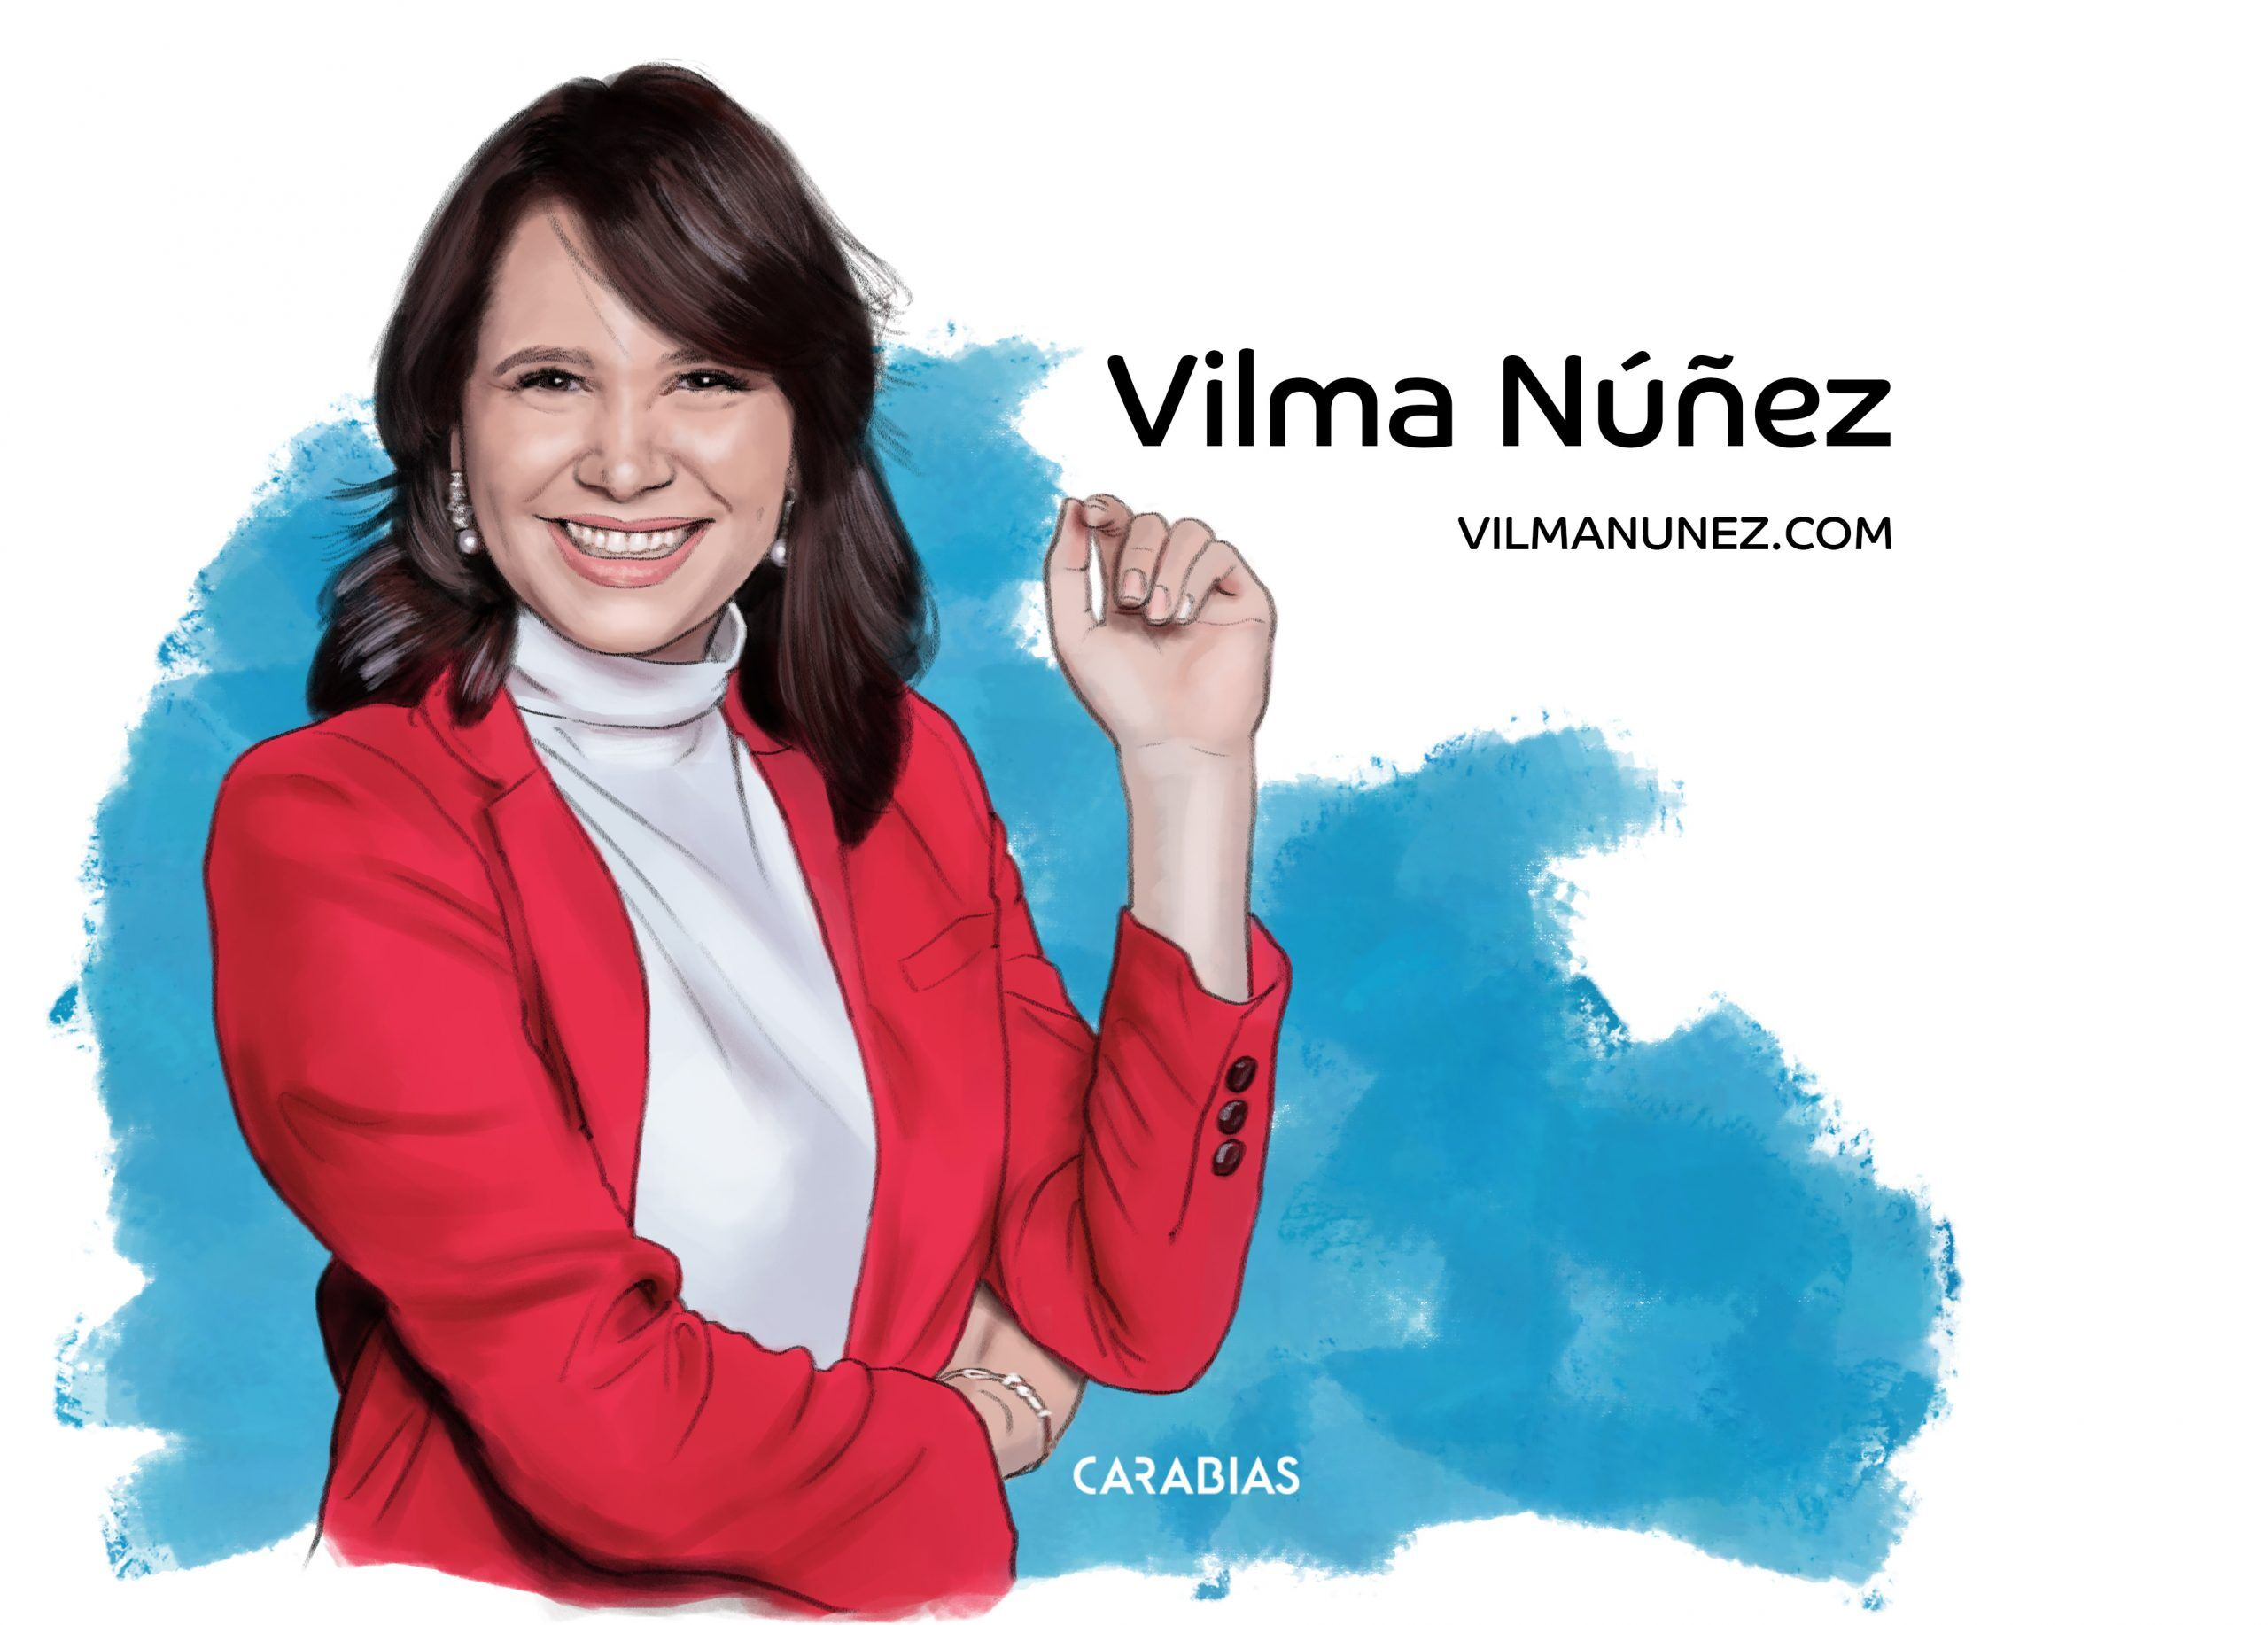 ilustracion Vilma Nuñez dibujado por Carabias